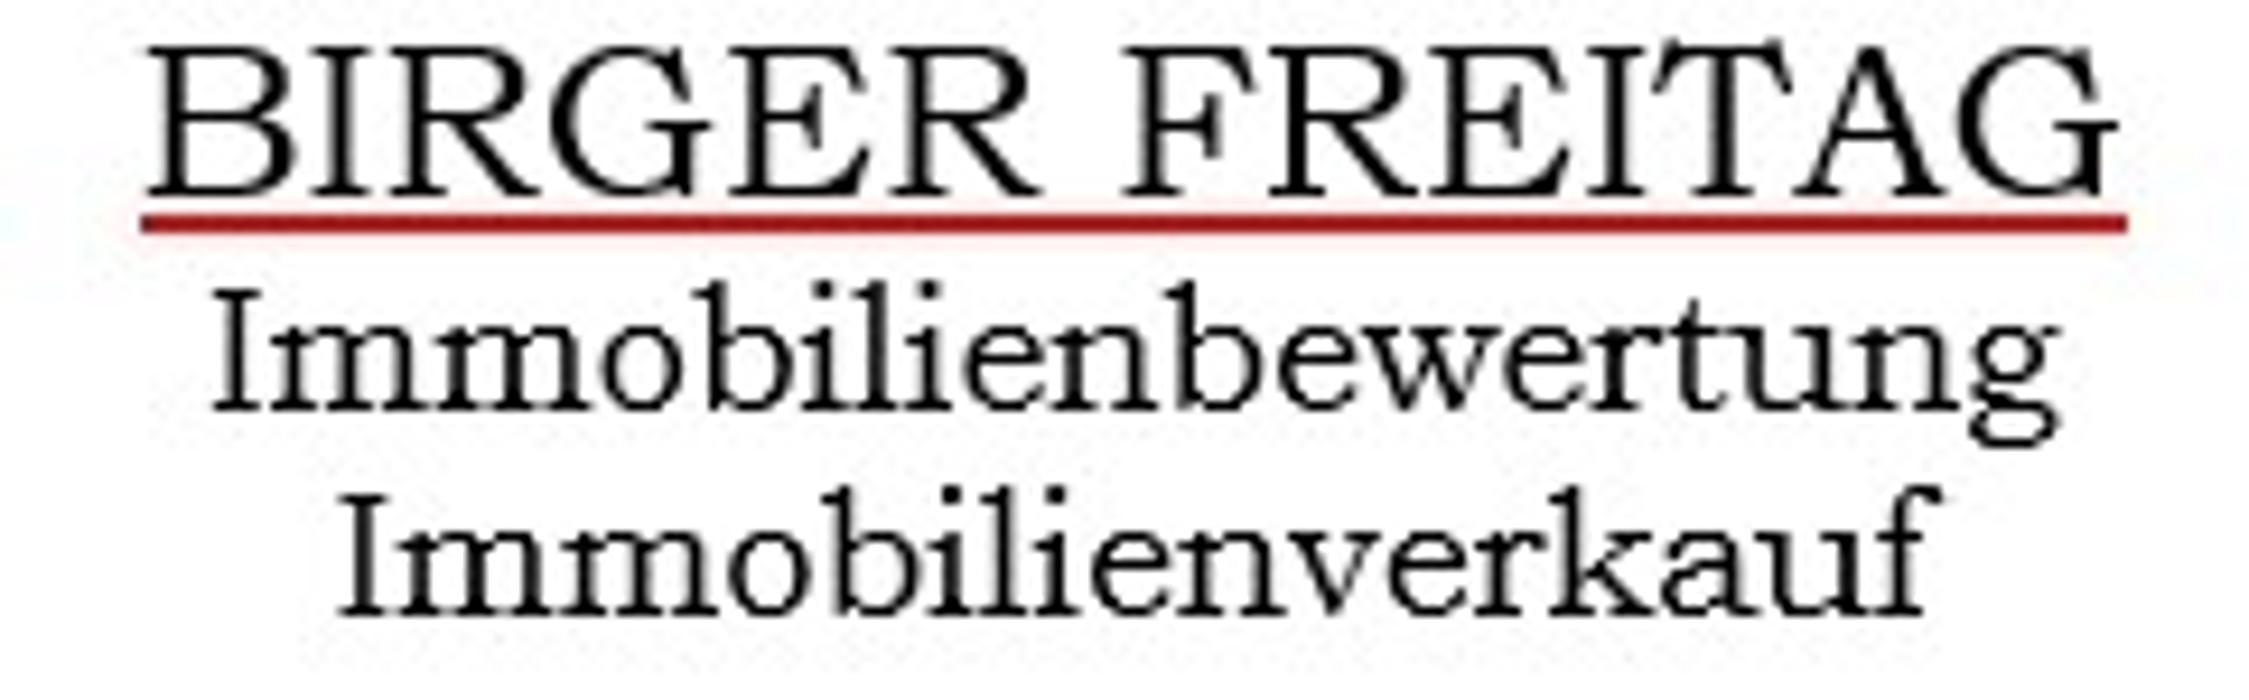 Bild zu BIRGER FREITAG - Immobilien in Prenzlau - Bewertung & Verkauf in Prenzlau